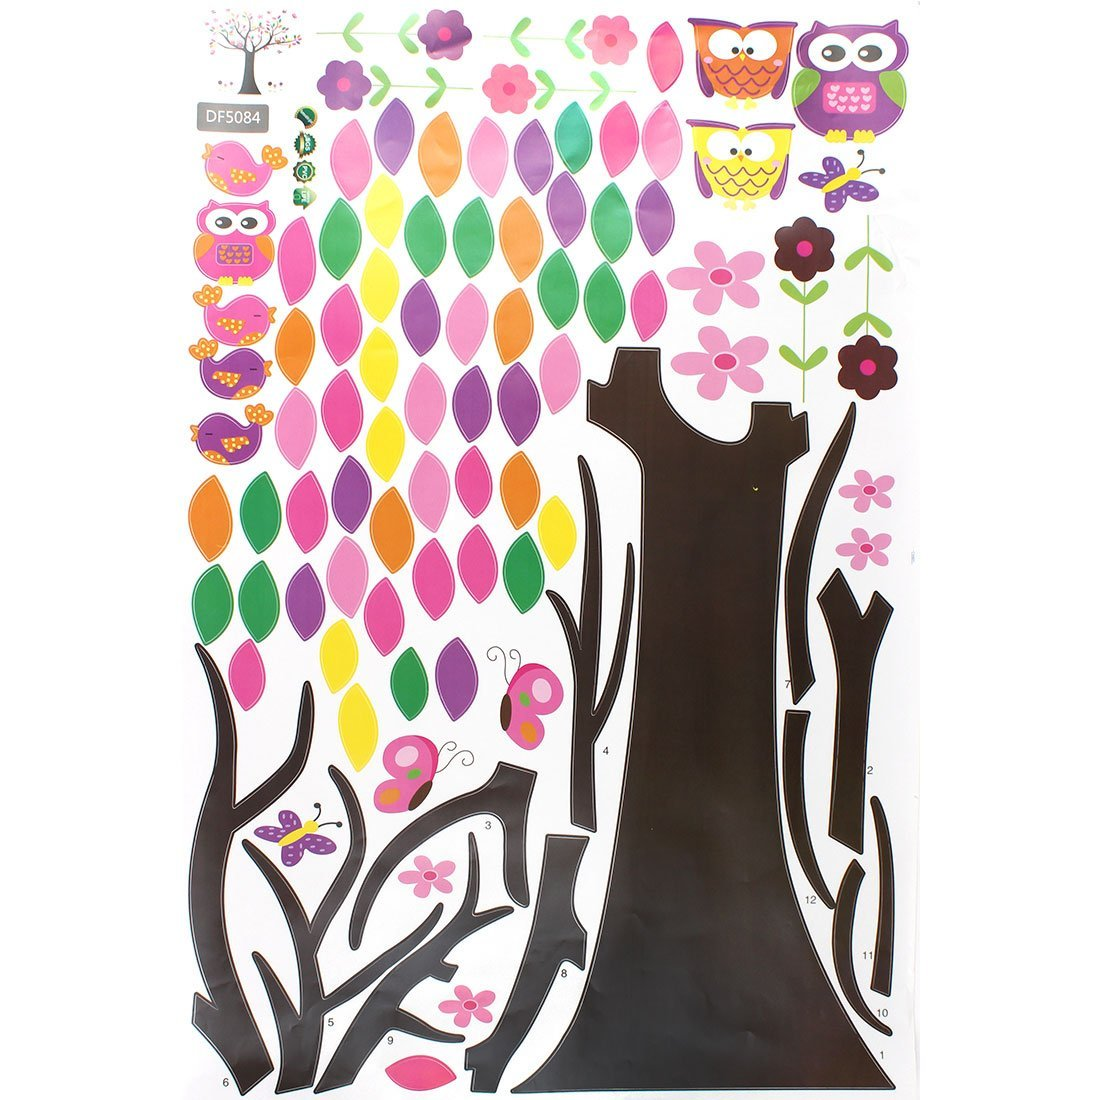 Patrón eDealMax búho de la flor del árbol del hogar extraíble etiqueta de la pared del papel pintado de la decoración - - Amazon.com